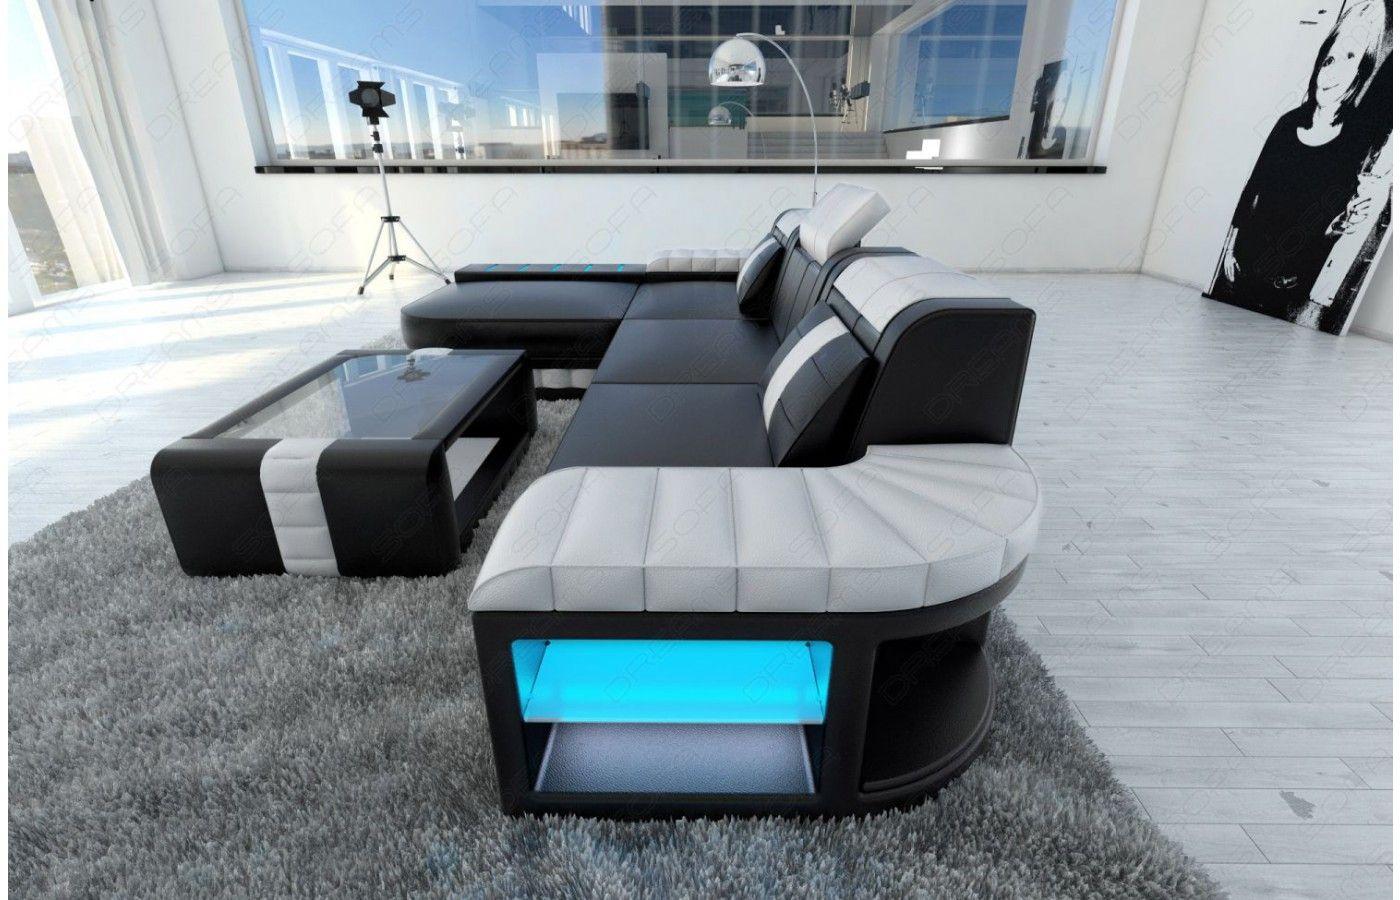 designersofa bellagio led l-form in schwarz-weiß - exklusiv bei ... - Schwarz Wei Sofa